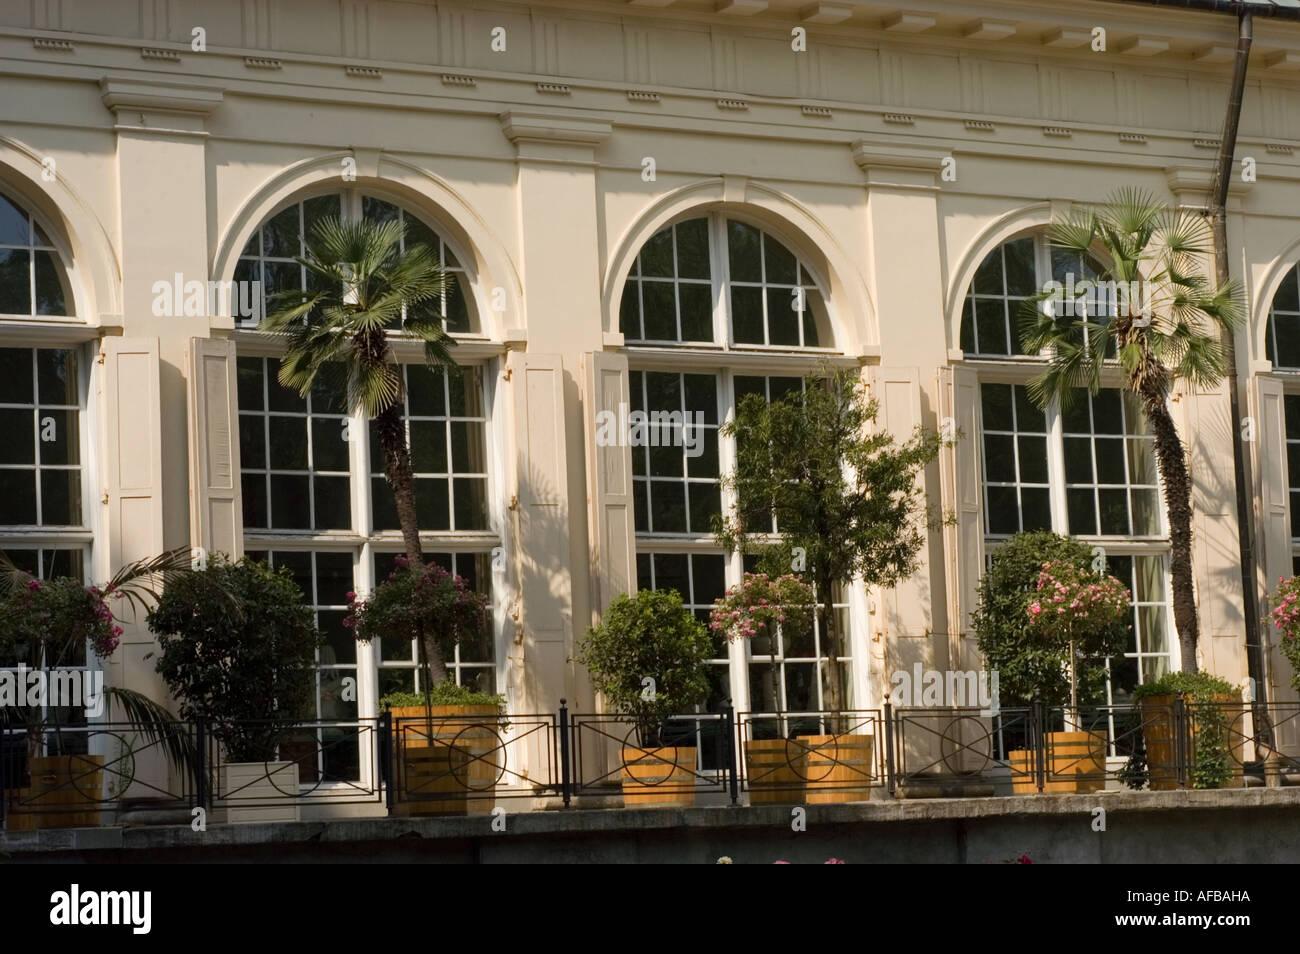 Old Orangery Or Stara Pomaranczarnia Facade In Royal